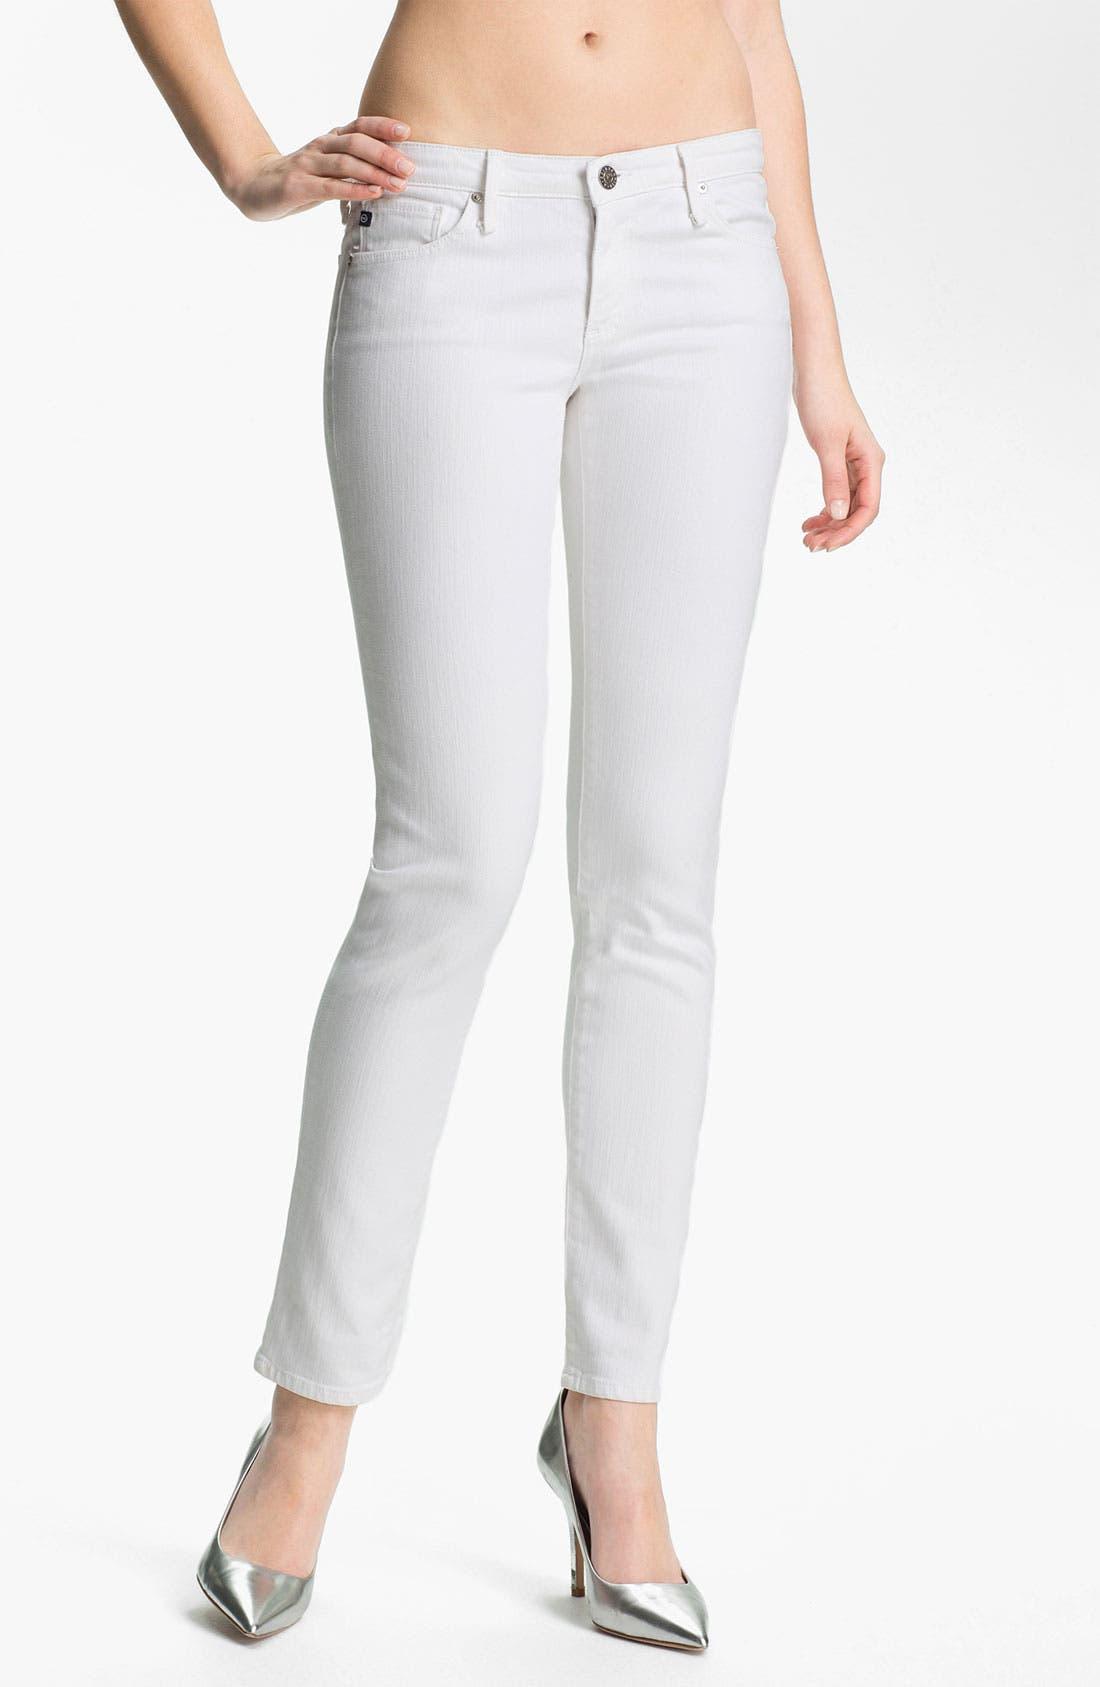 AG Jeans 'Stilt' Cigarette Leg Stretch Jeans, Main, color, 100